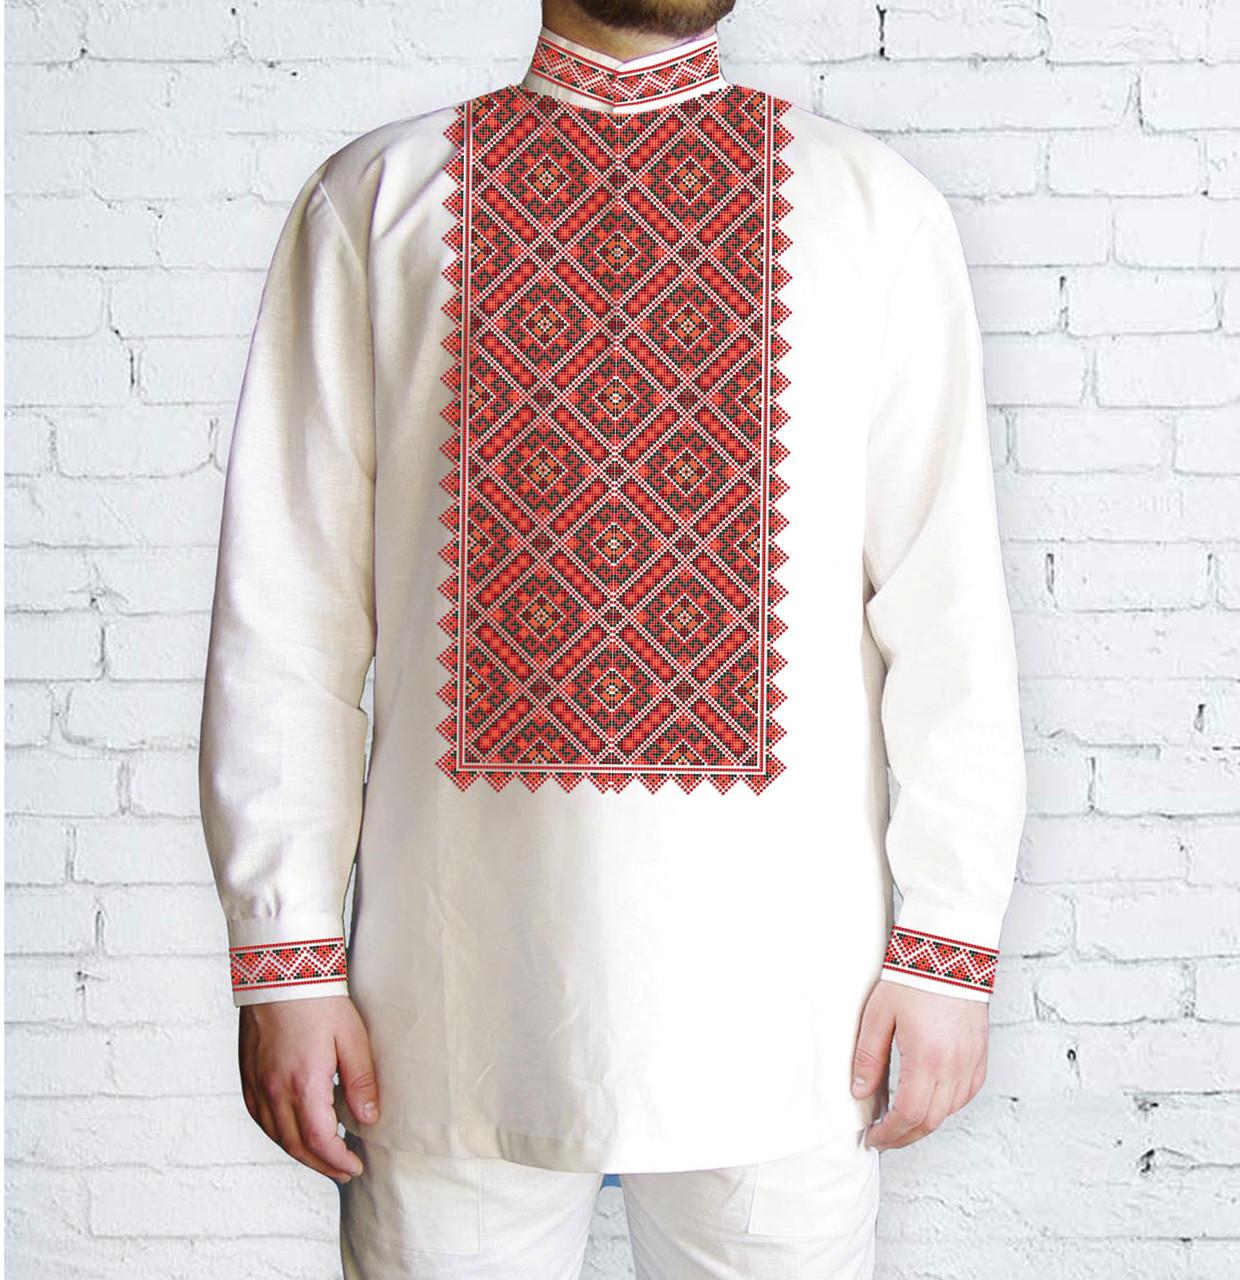 Заготовка чоловічої сорочки та вишиванки для вишивки чи вишивання бісером Бисерок «Синевір 581 Ч» (Ч-581 Ч )